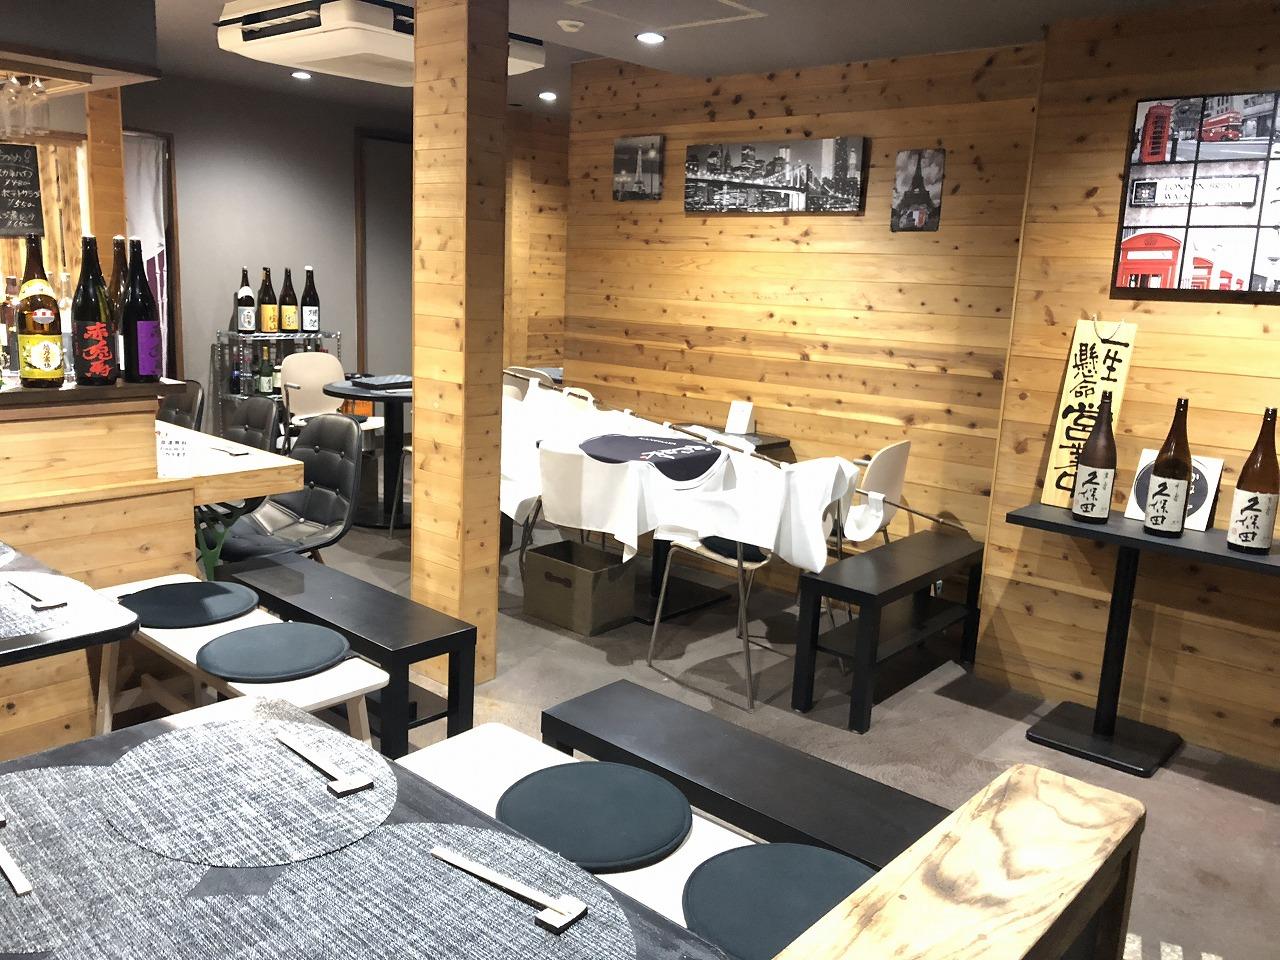 【浅草】飲食業界40年。笑顔が素敵な女性2人で営む家庭料理のお店を6月にオープン!